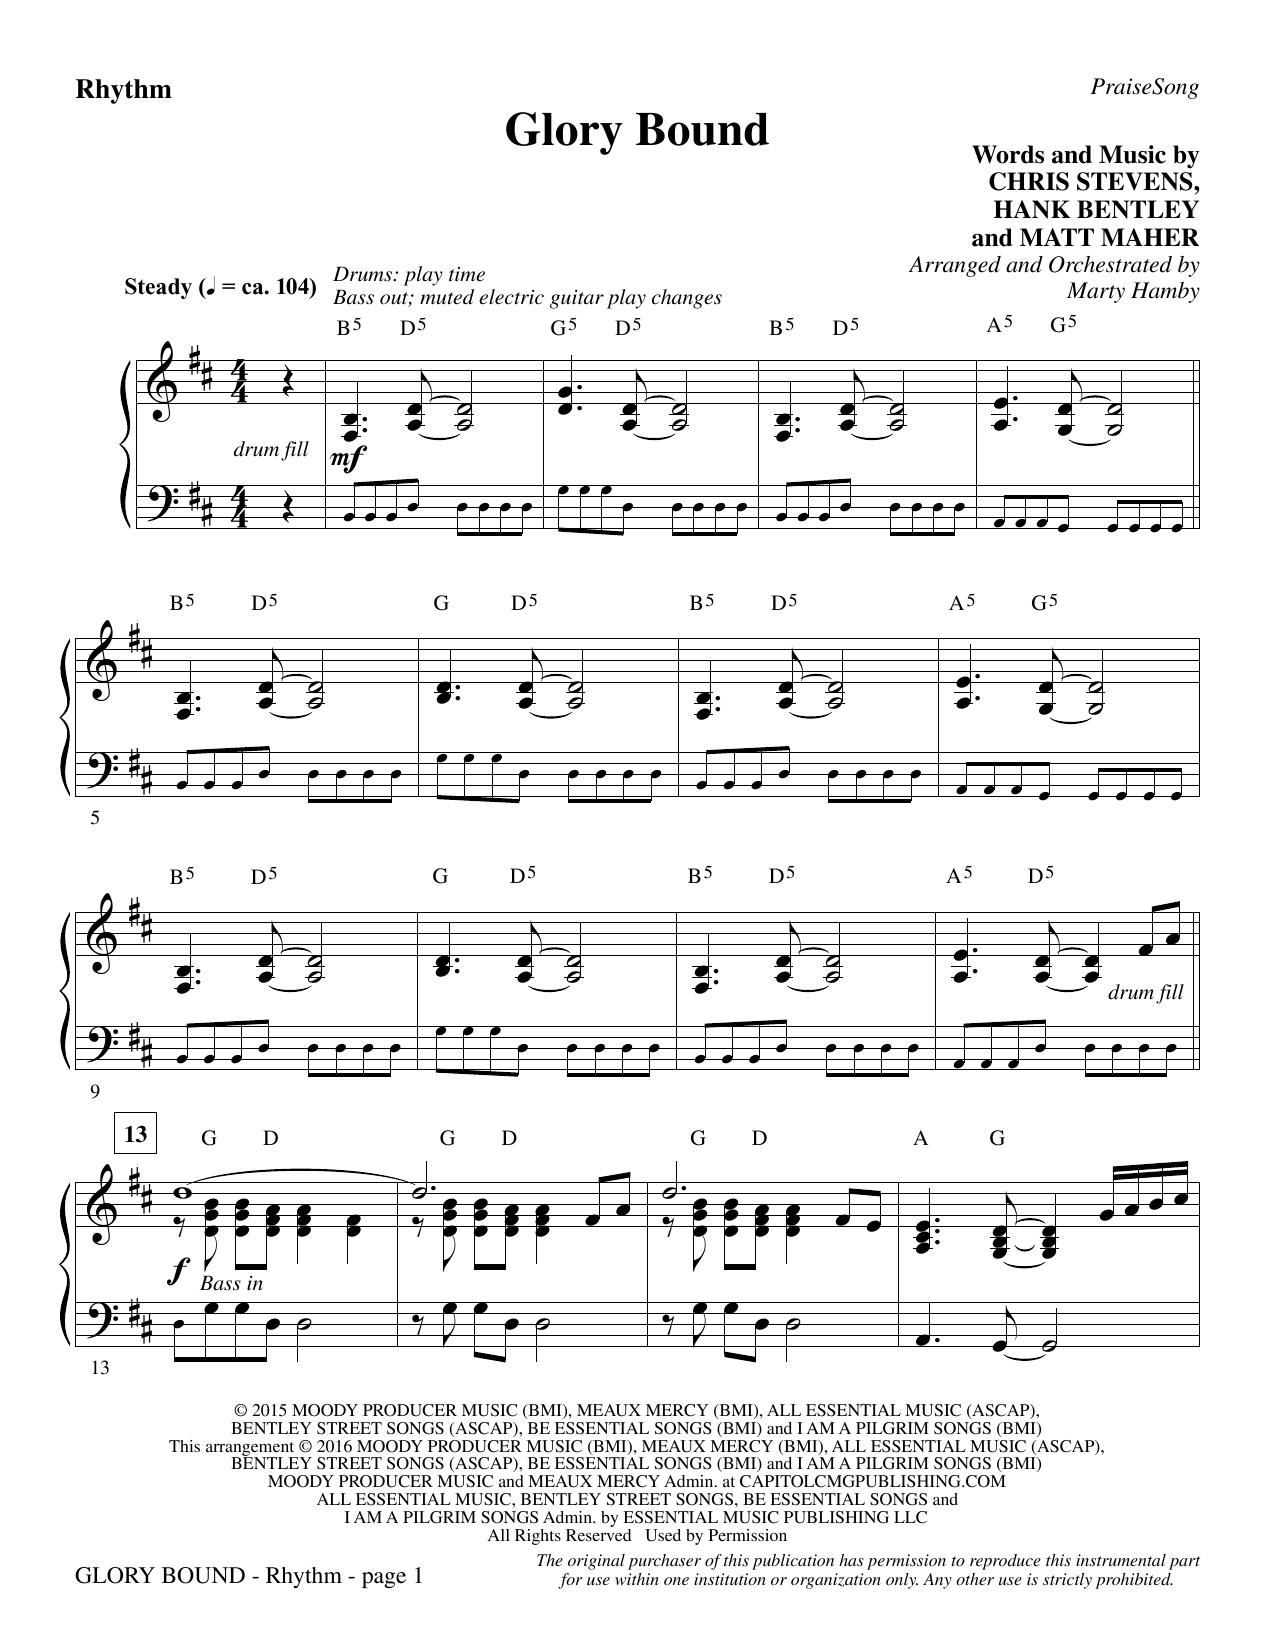 Glory Bound - Rhythm